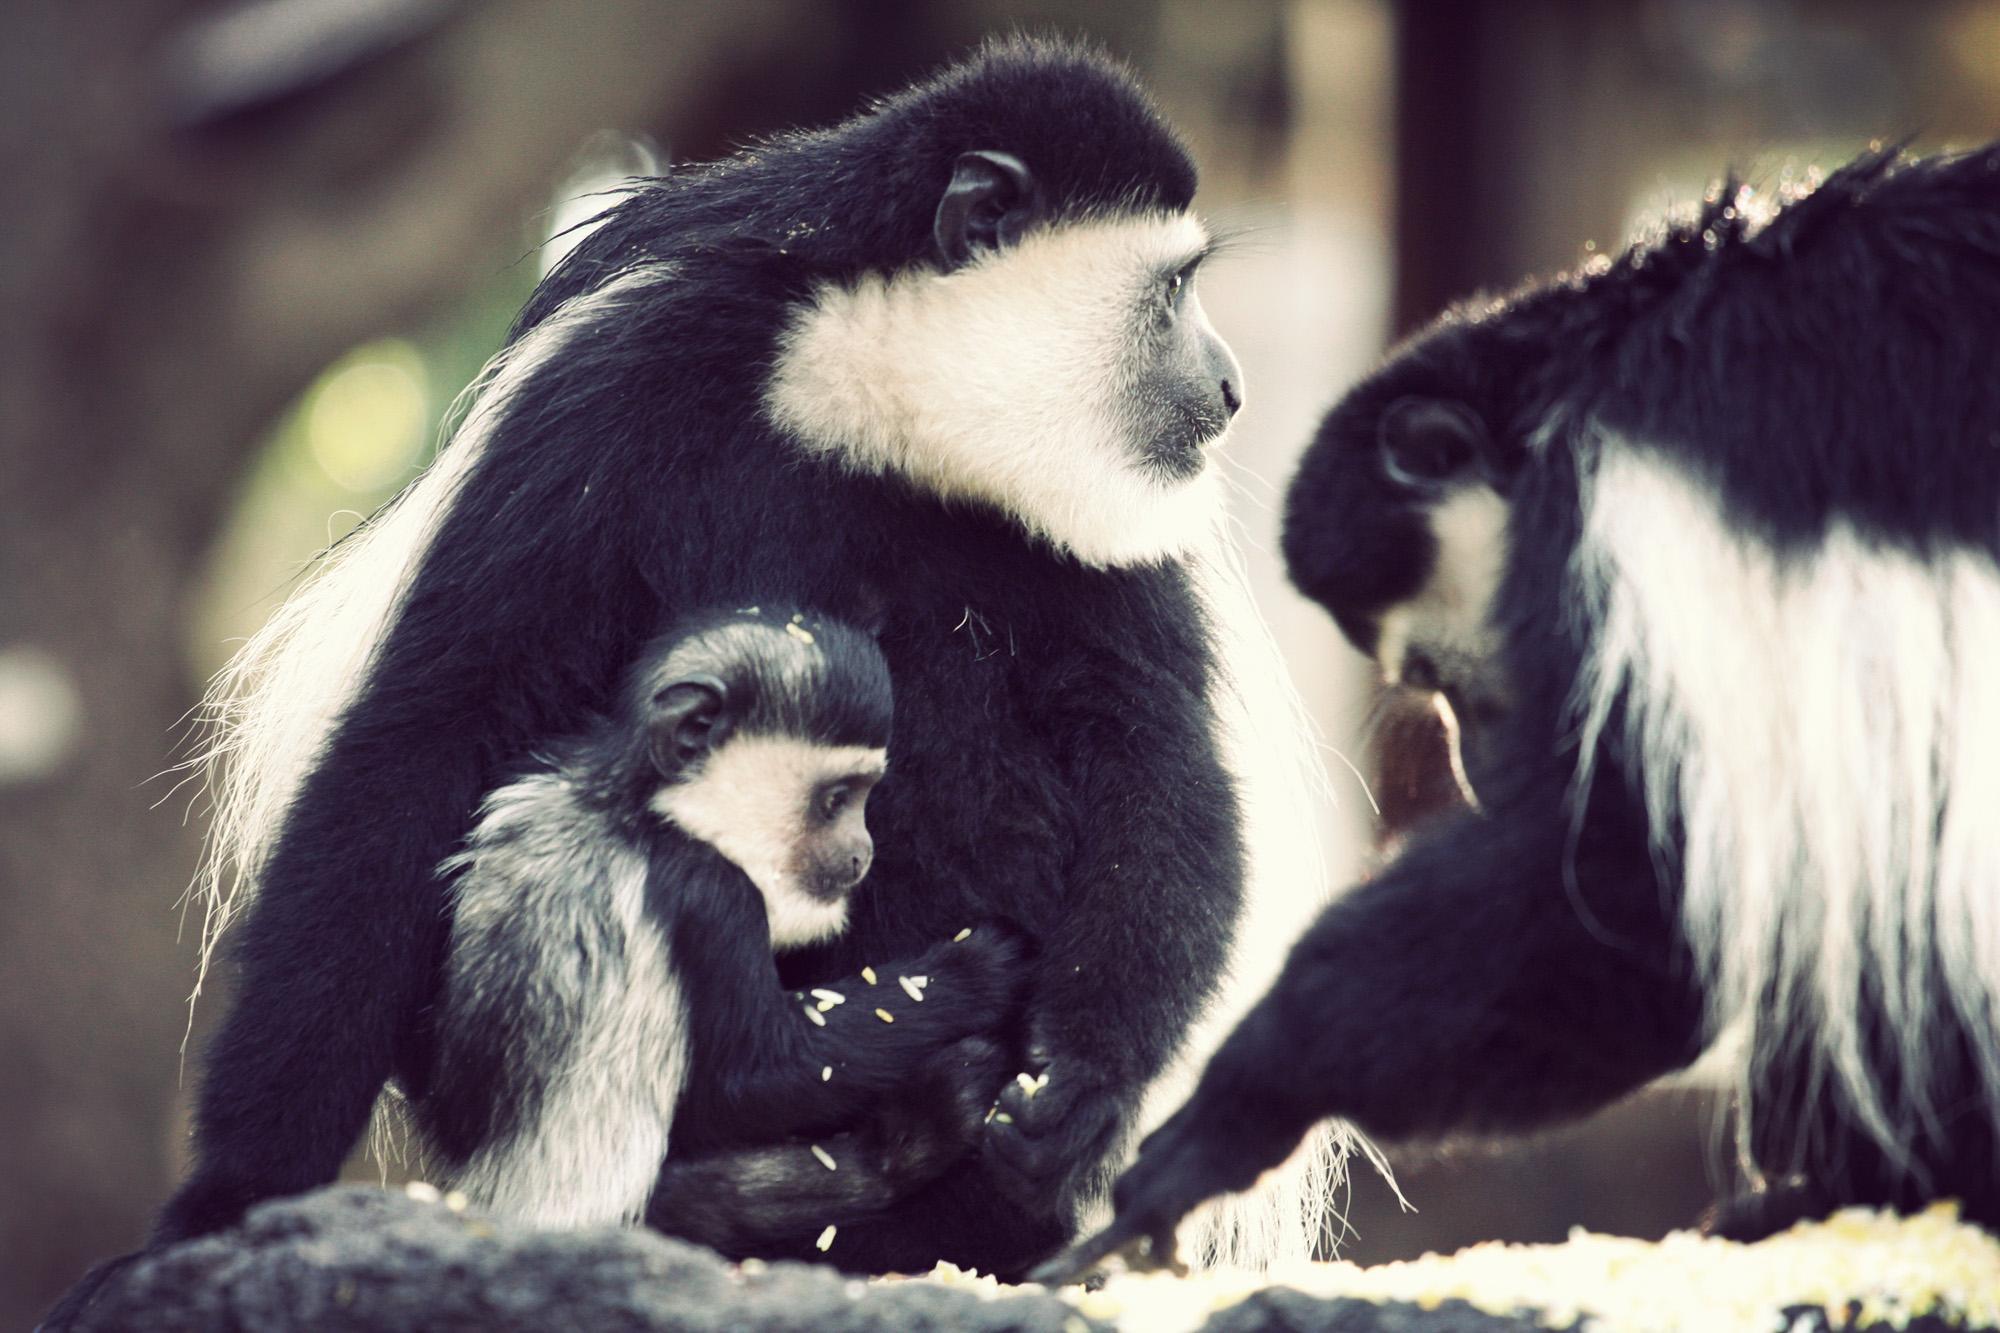 Day04_SOPA_Colubus-Monkey_03.jpg